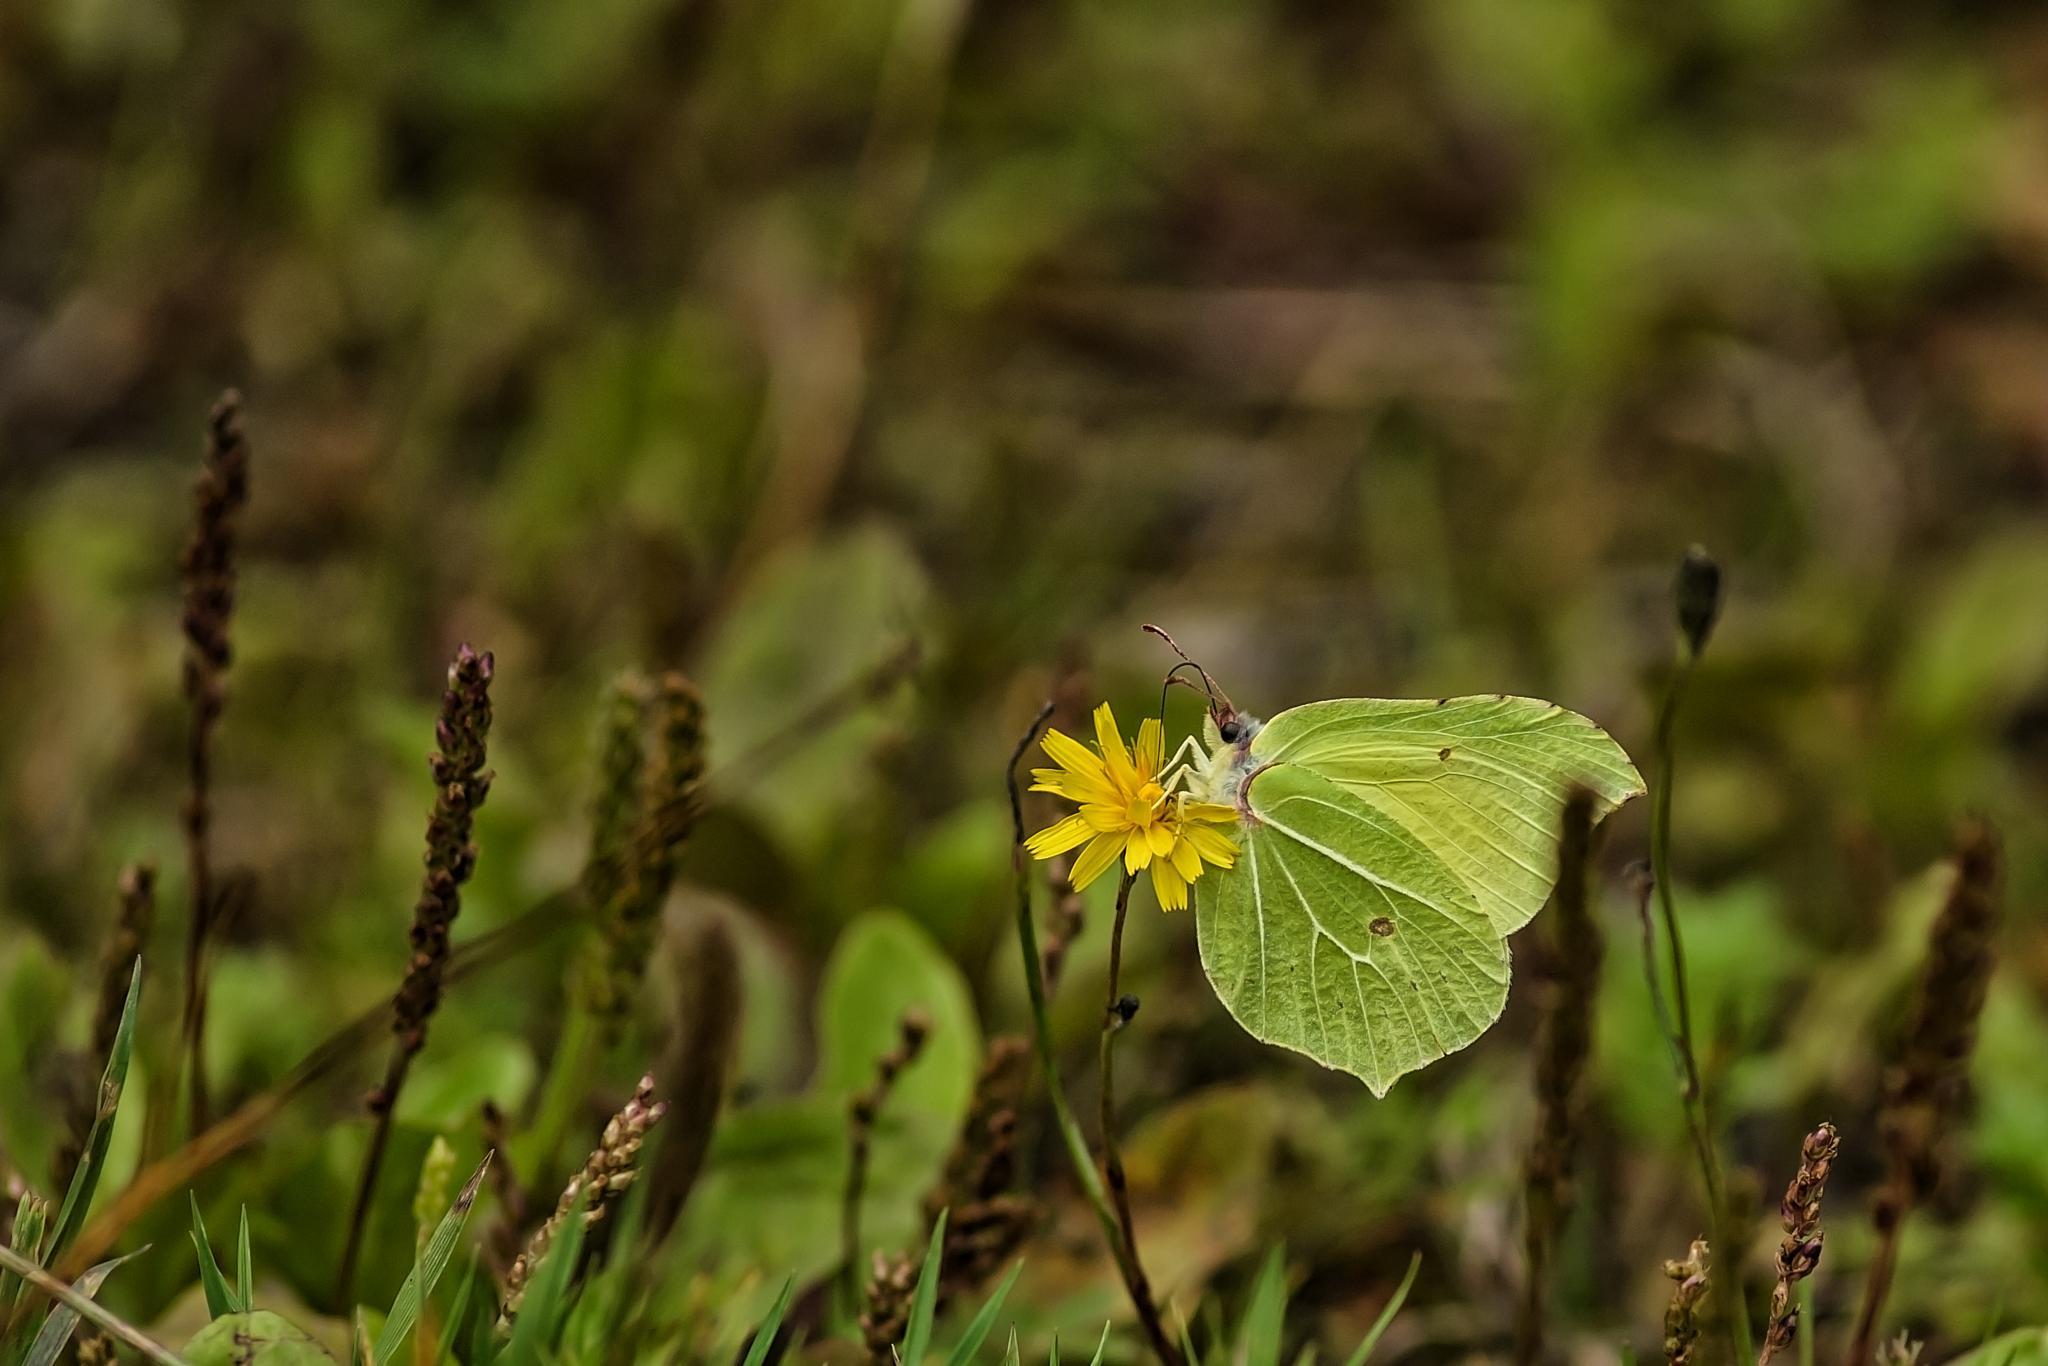 Butterfly by Daniël Schuiling